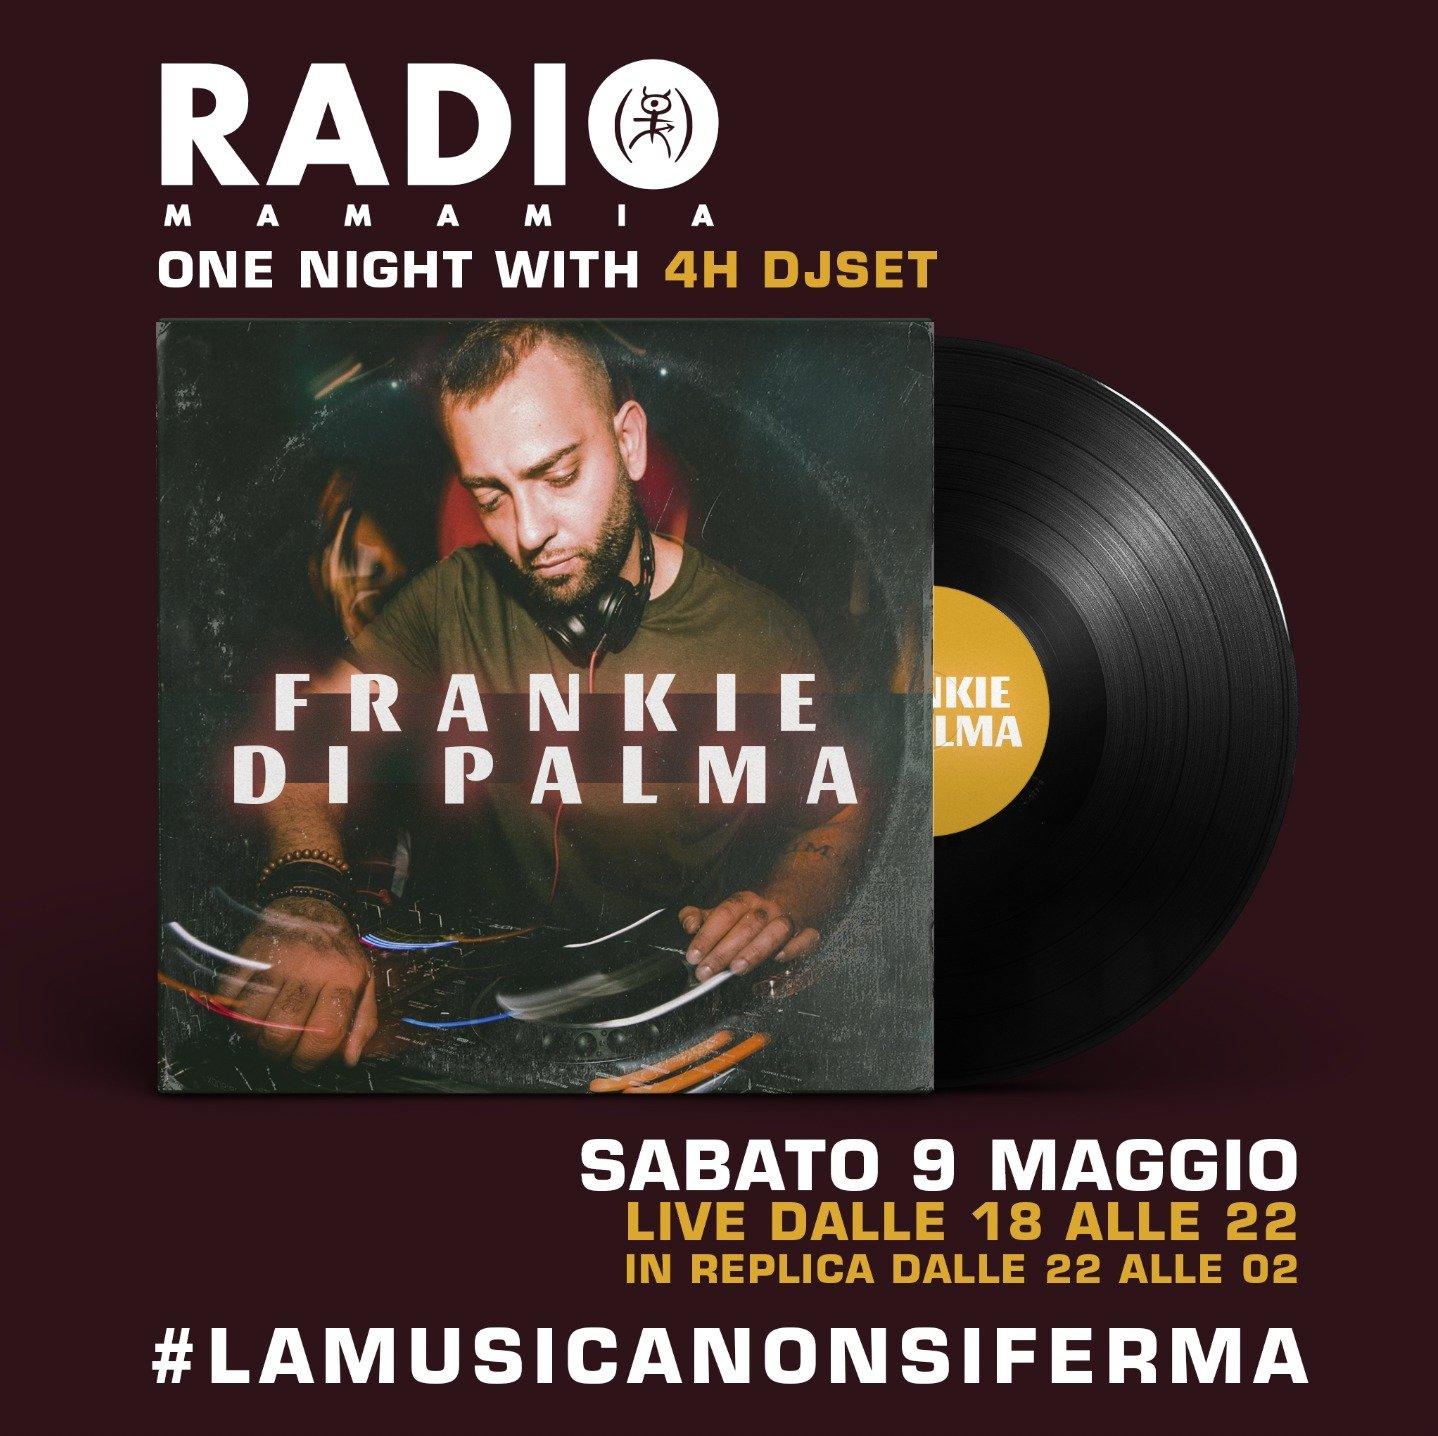 Radio Mamamia, dj Frankie Di Palma